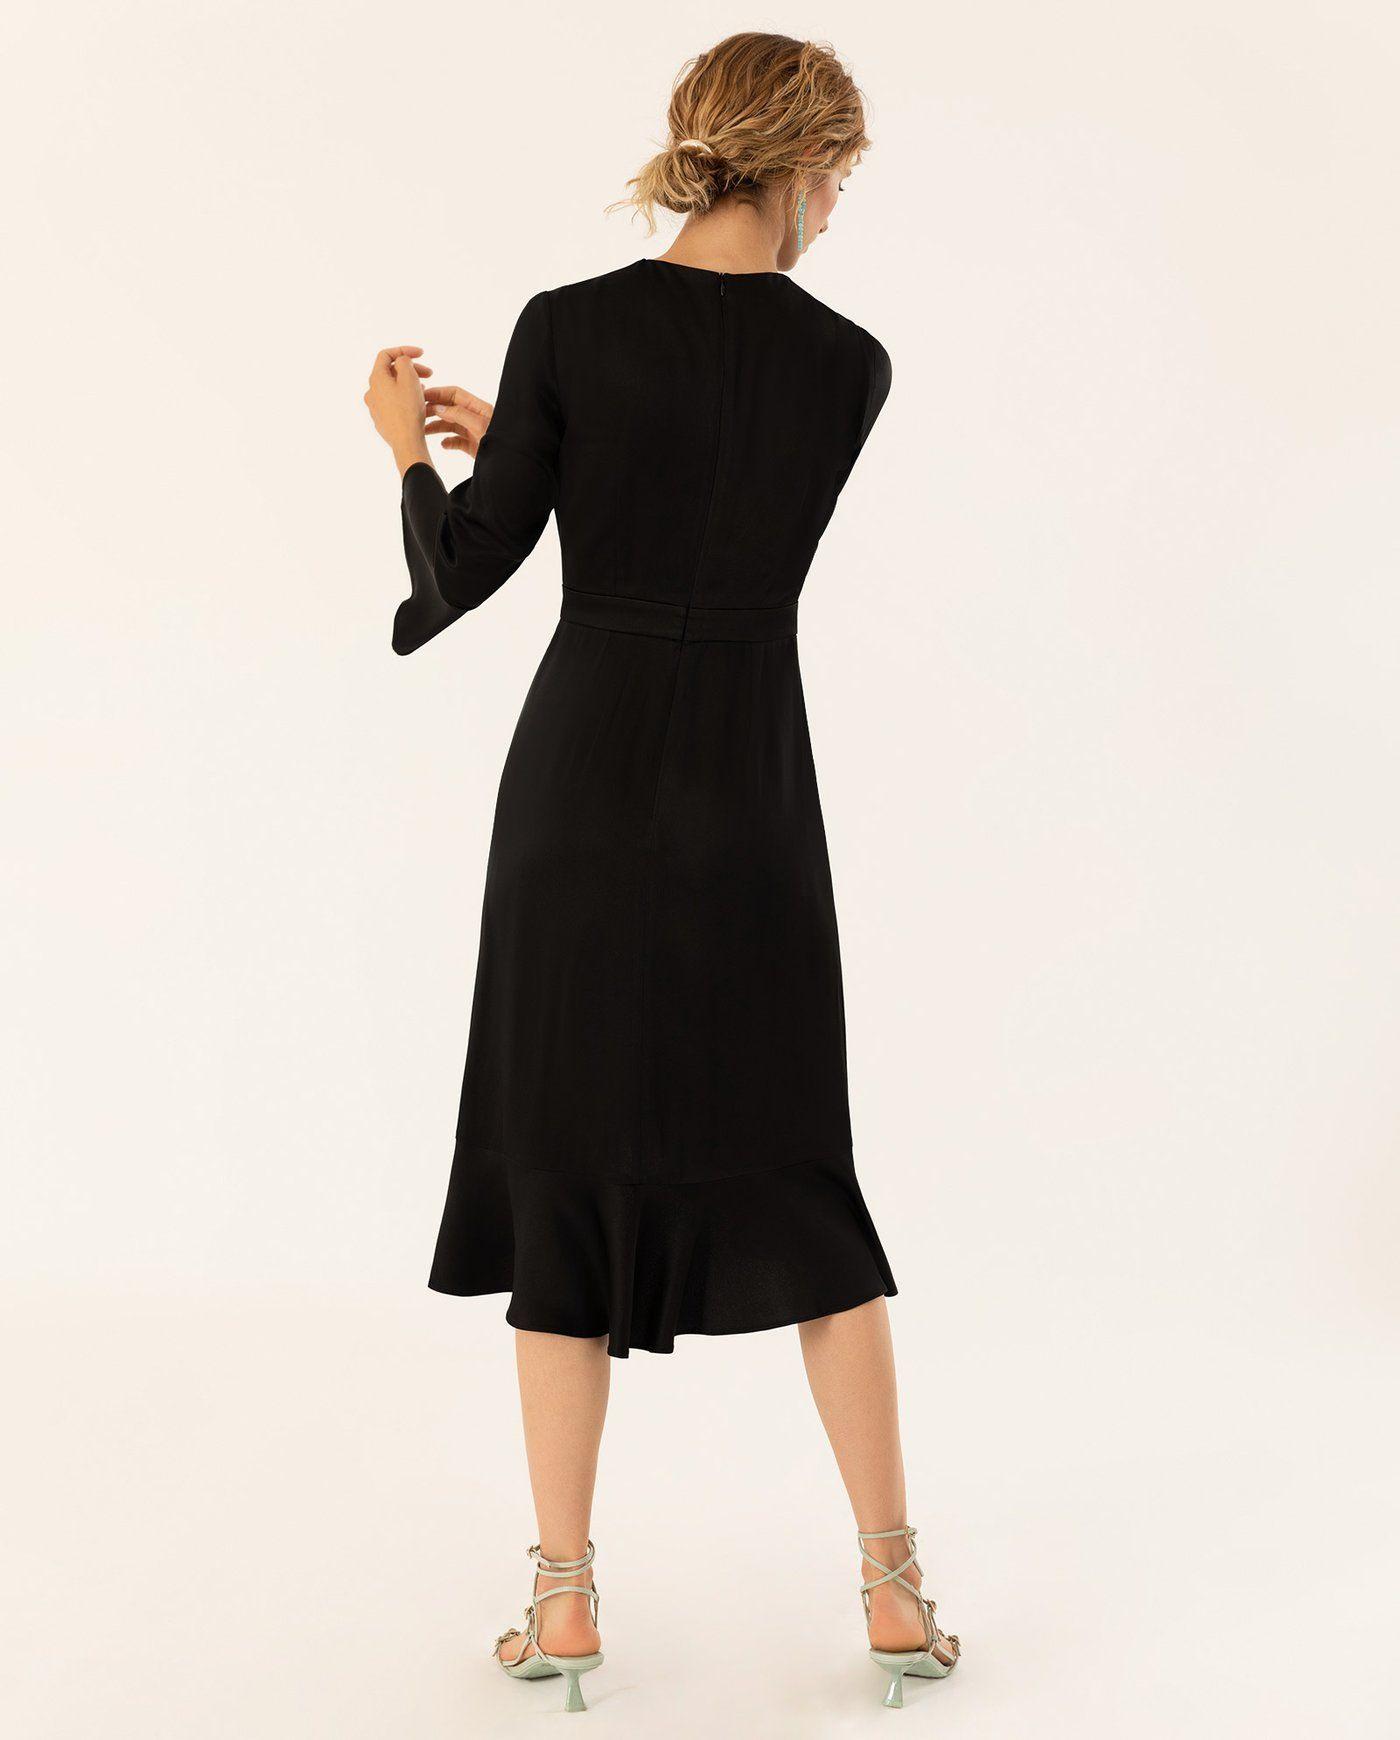 Knielanges Kleid Mit Volants Mit Bildern  Knielanges